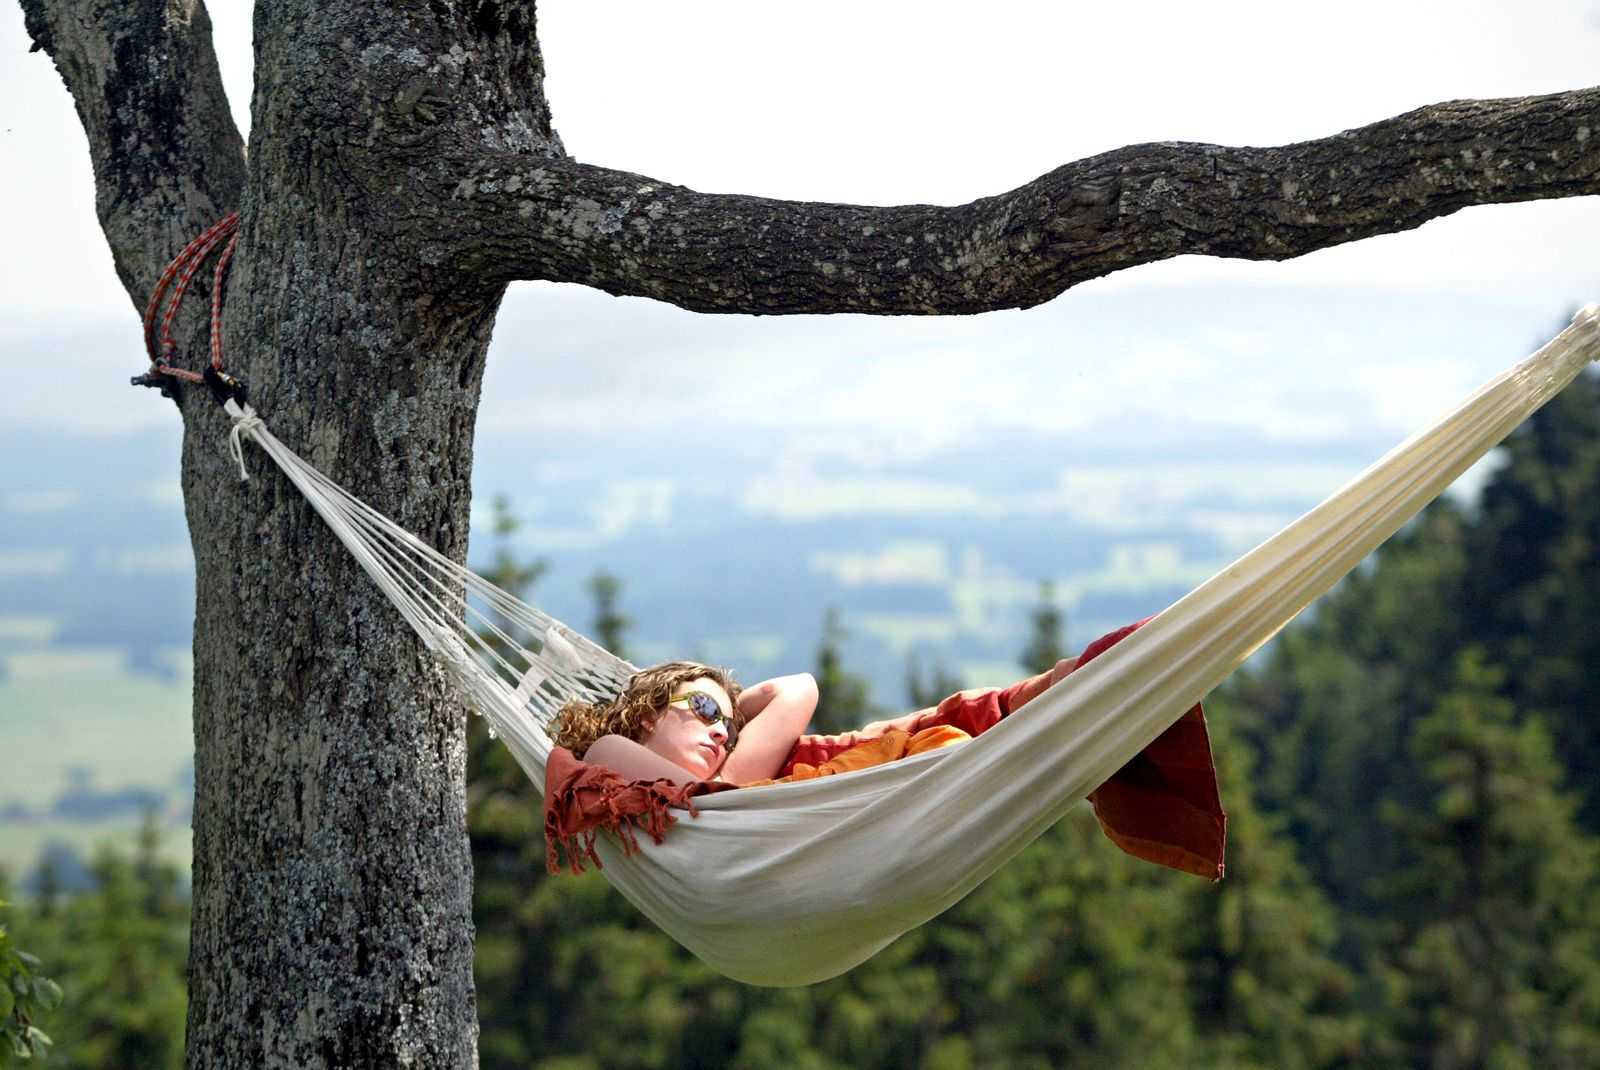 Urlaub / Hängematte / Entspannung